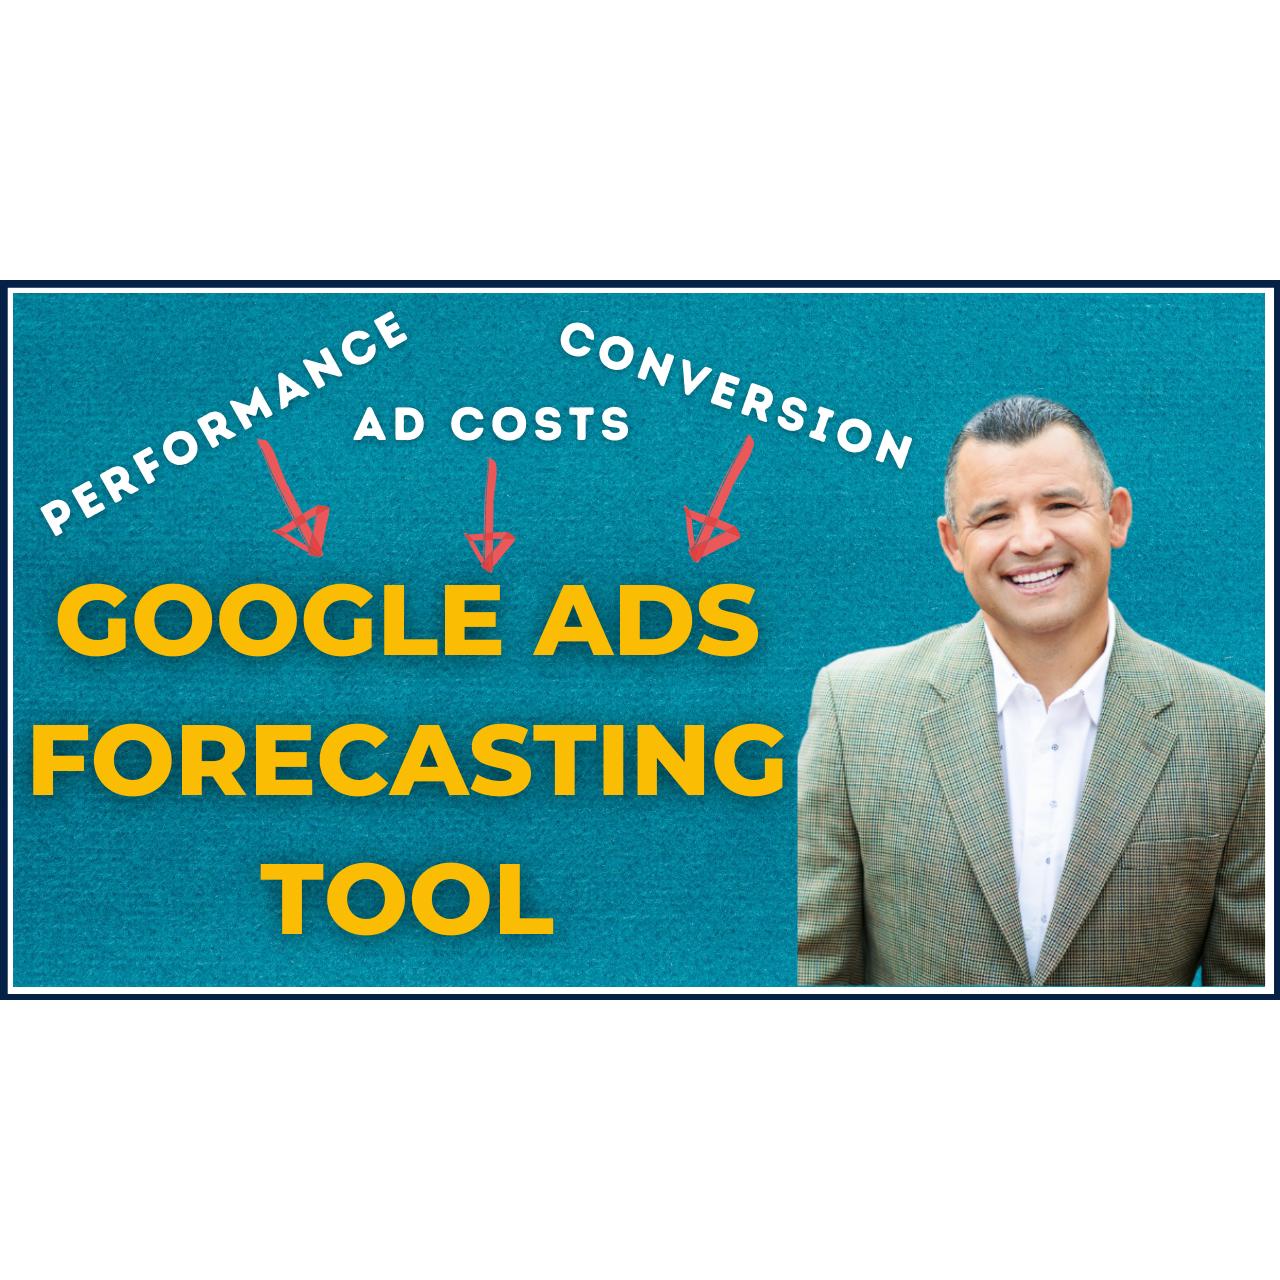 Google Ads Forecasting Tool